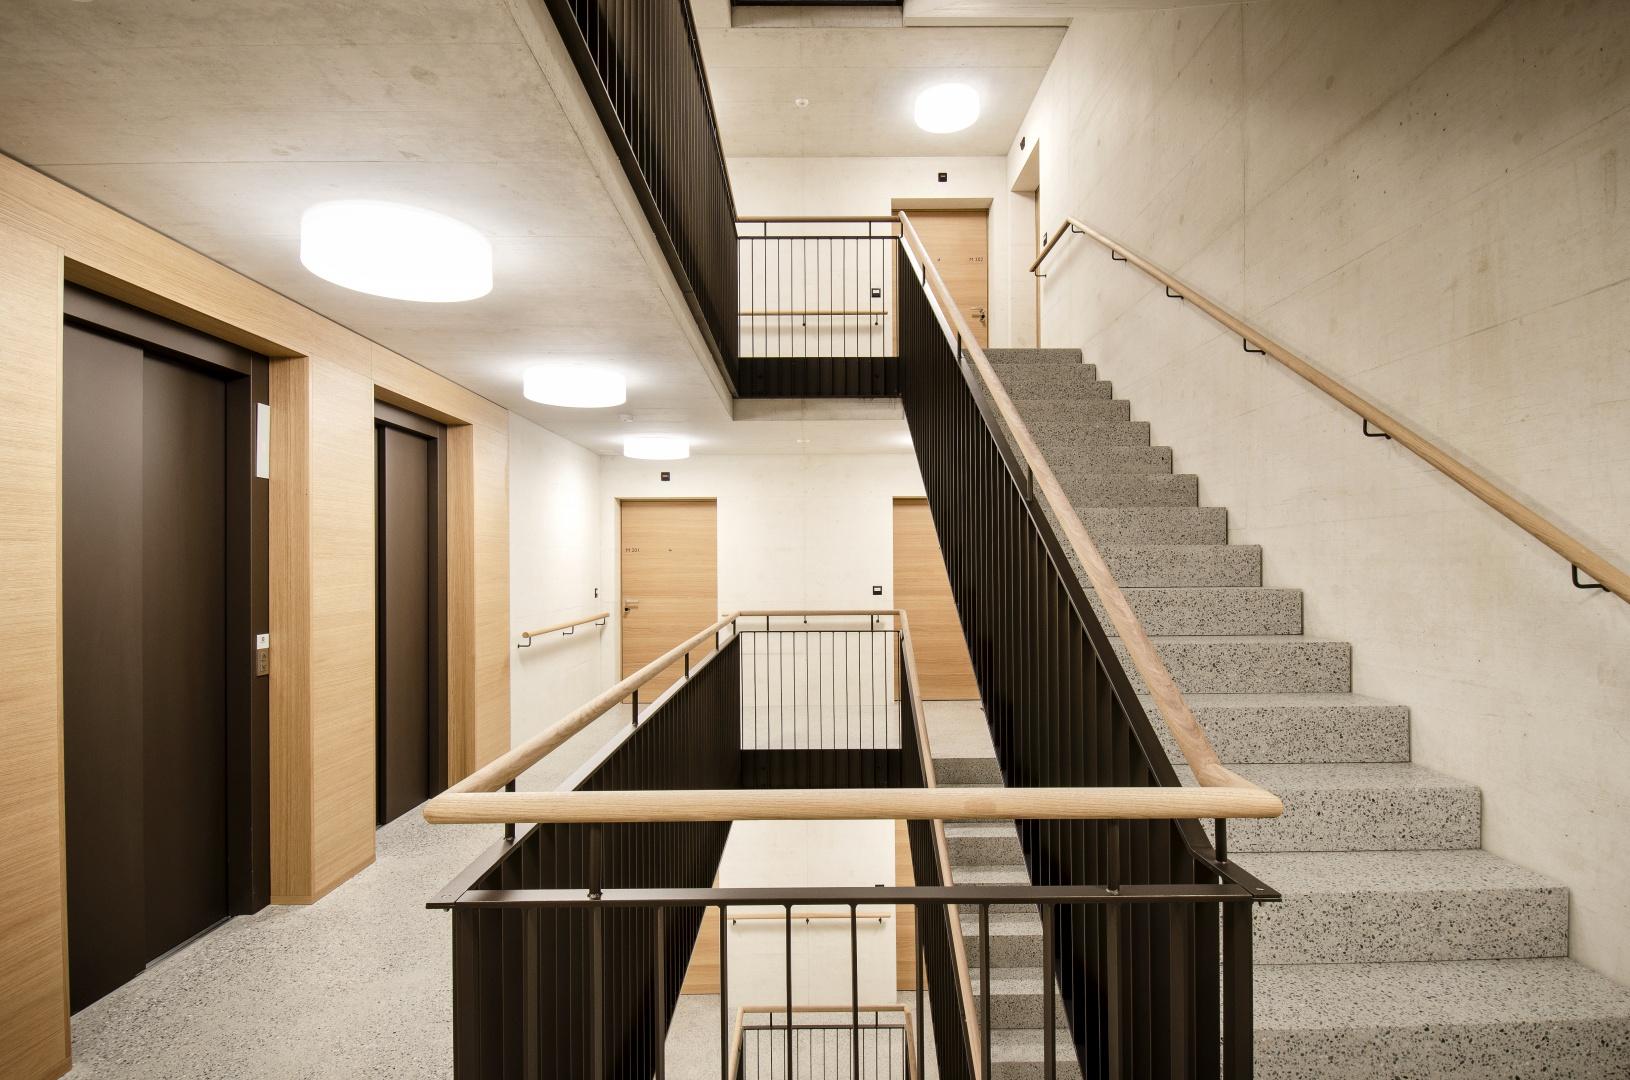 Treppenhaus © Fanzun AG, Salvatorenstrasse 66, 7000 Chur